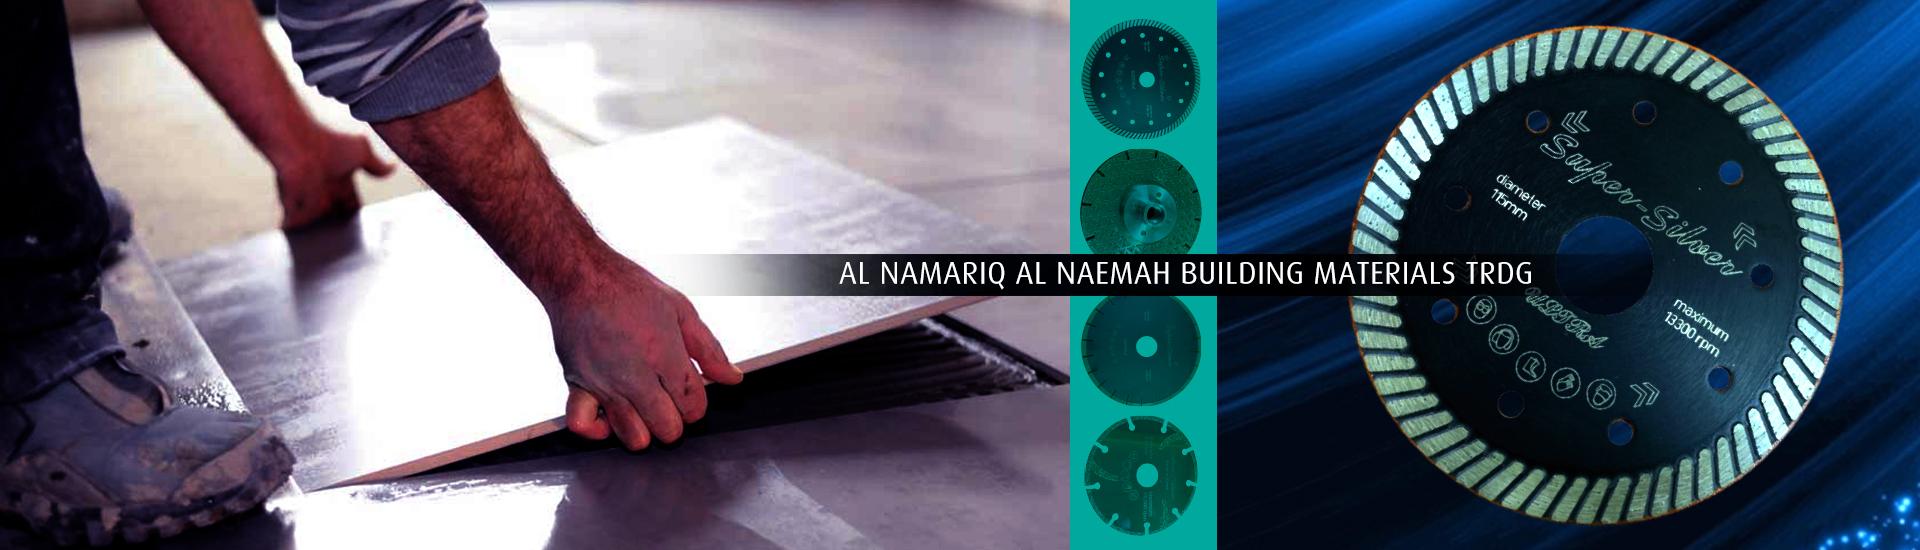 AL NAMARIQ AL NAEMAH BUILDING MATERIALS TRDG